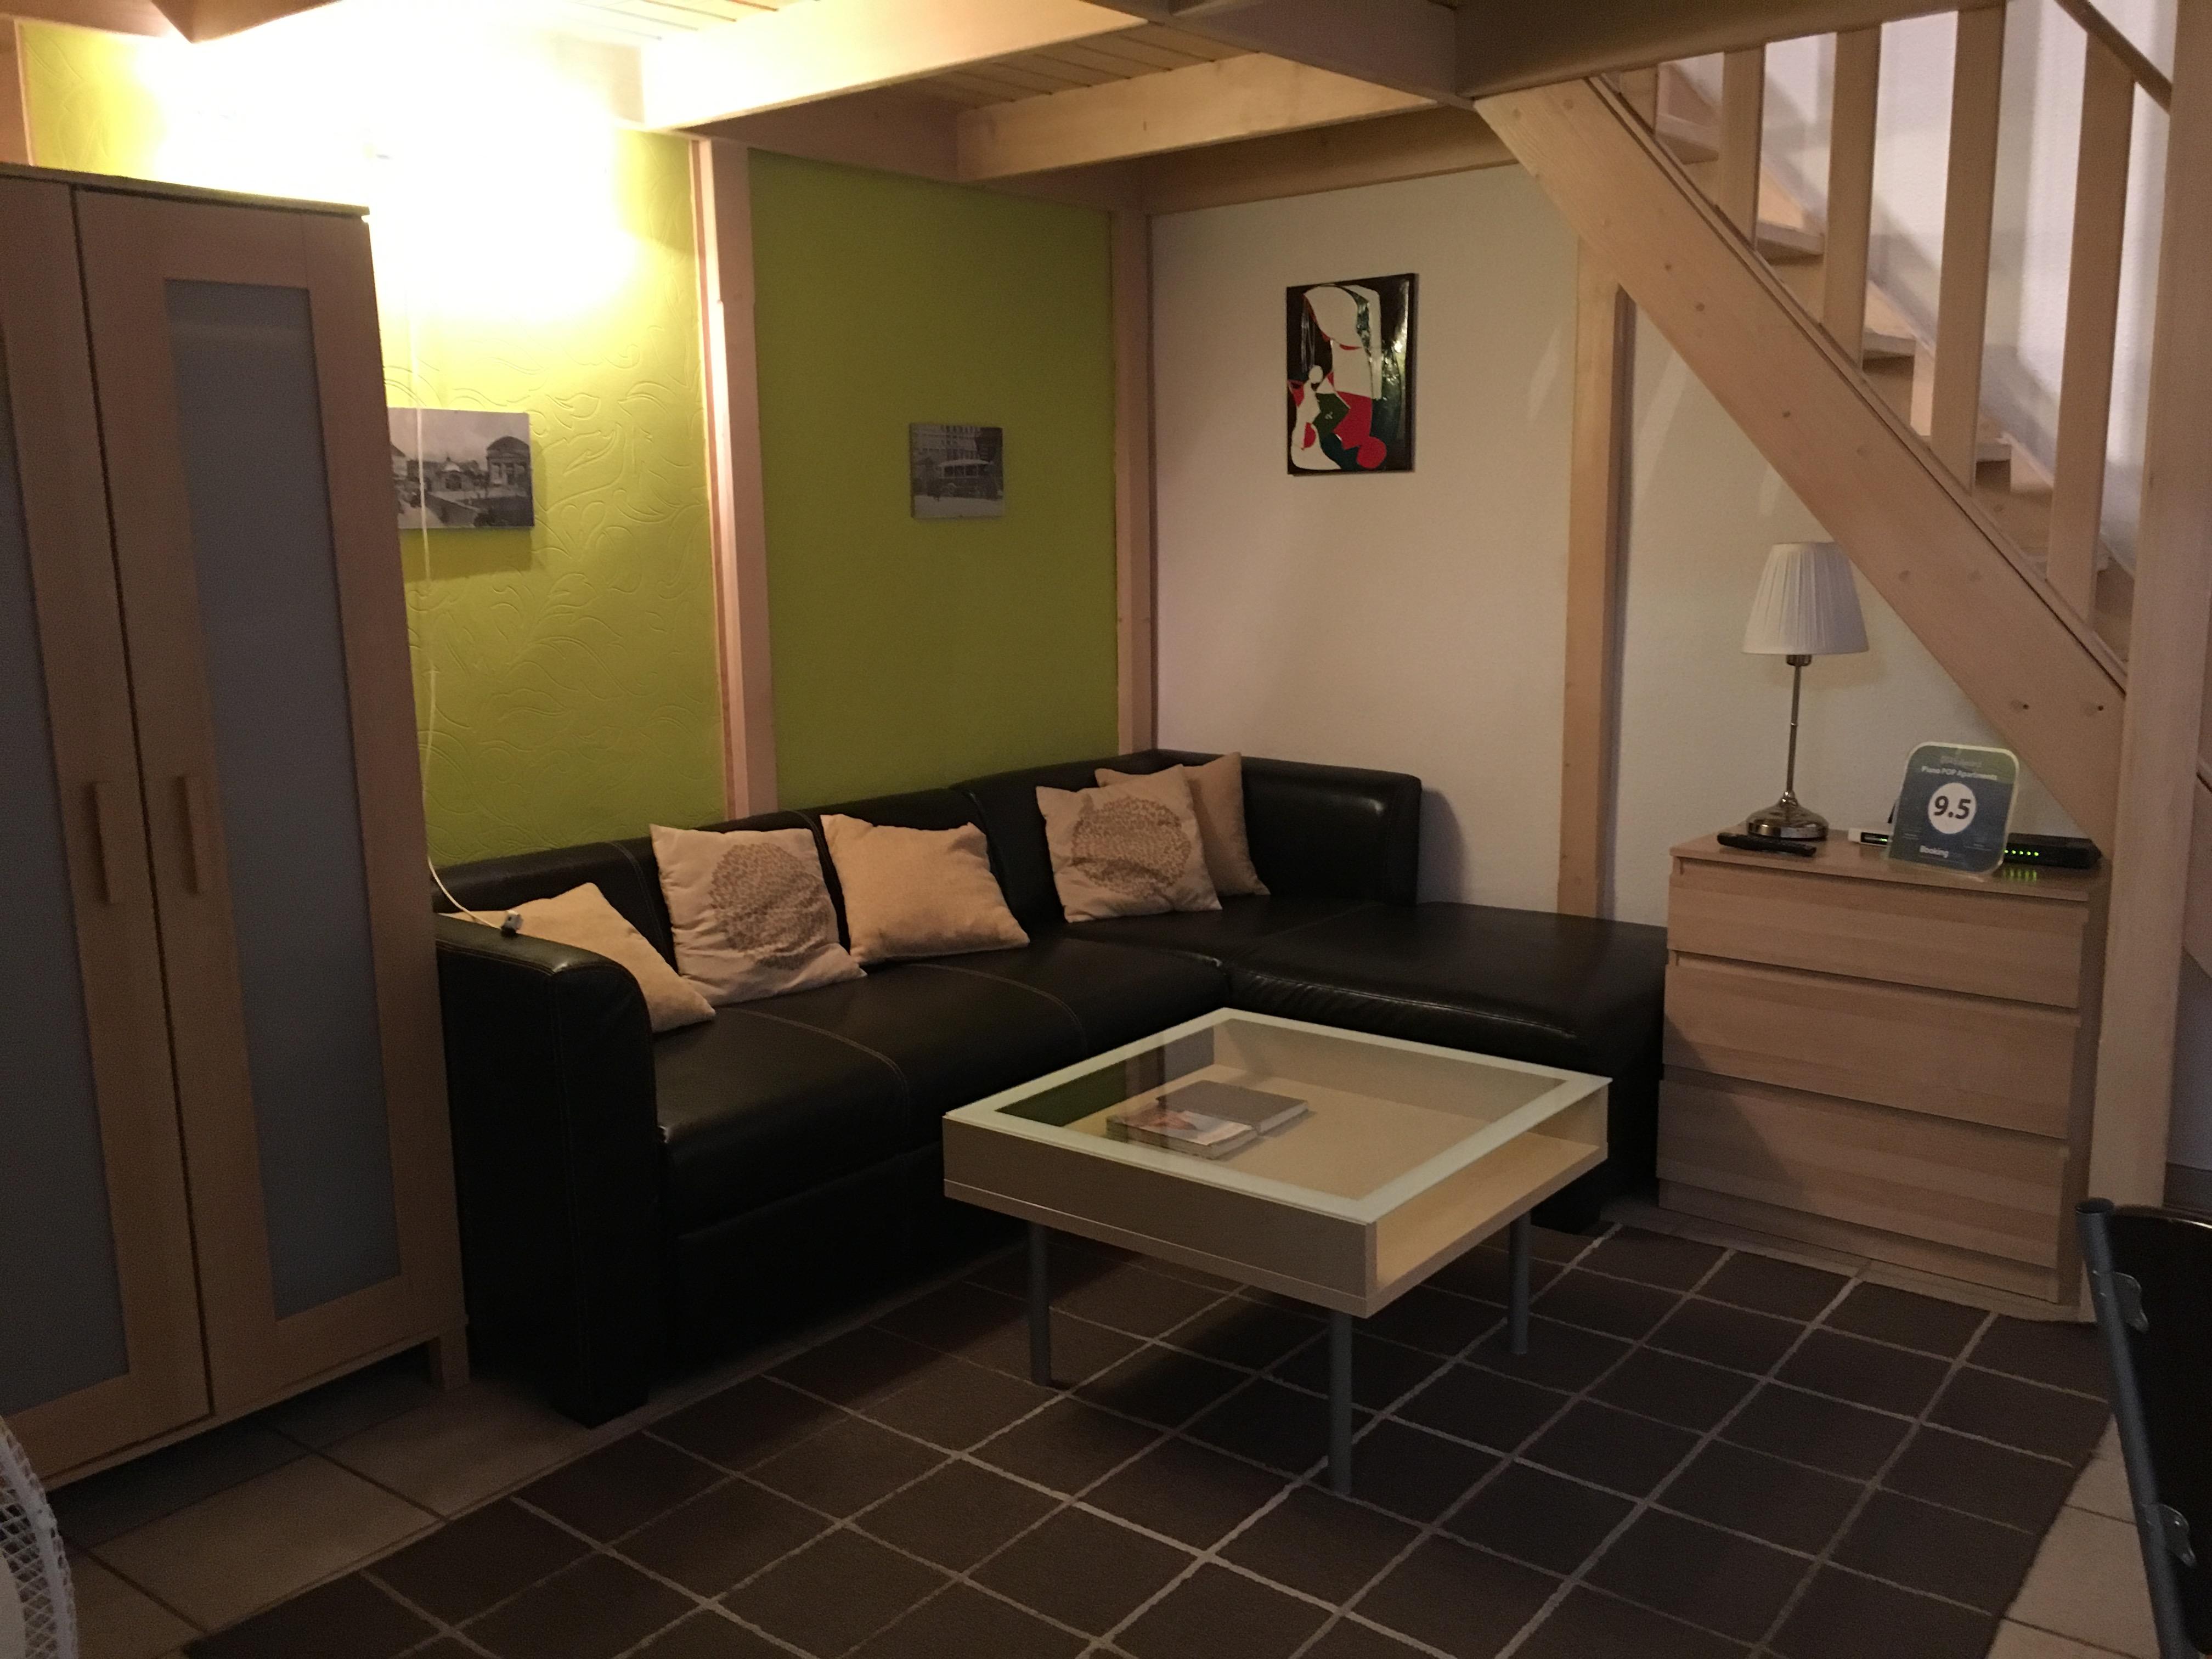 ブダペストで人気のアパート、ピアノポップアパートメンツに滞在してみました。